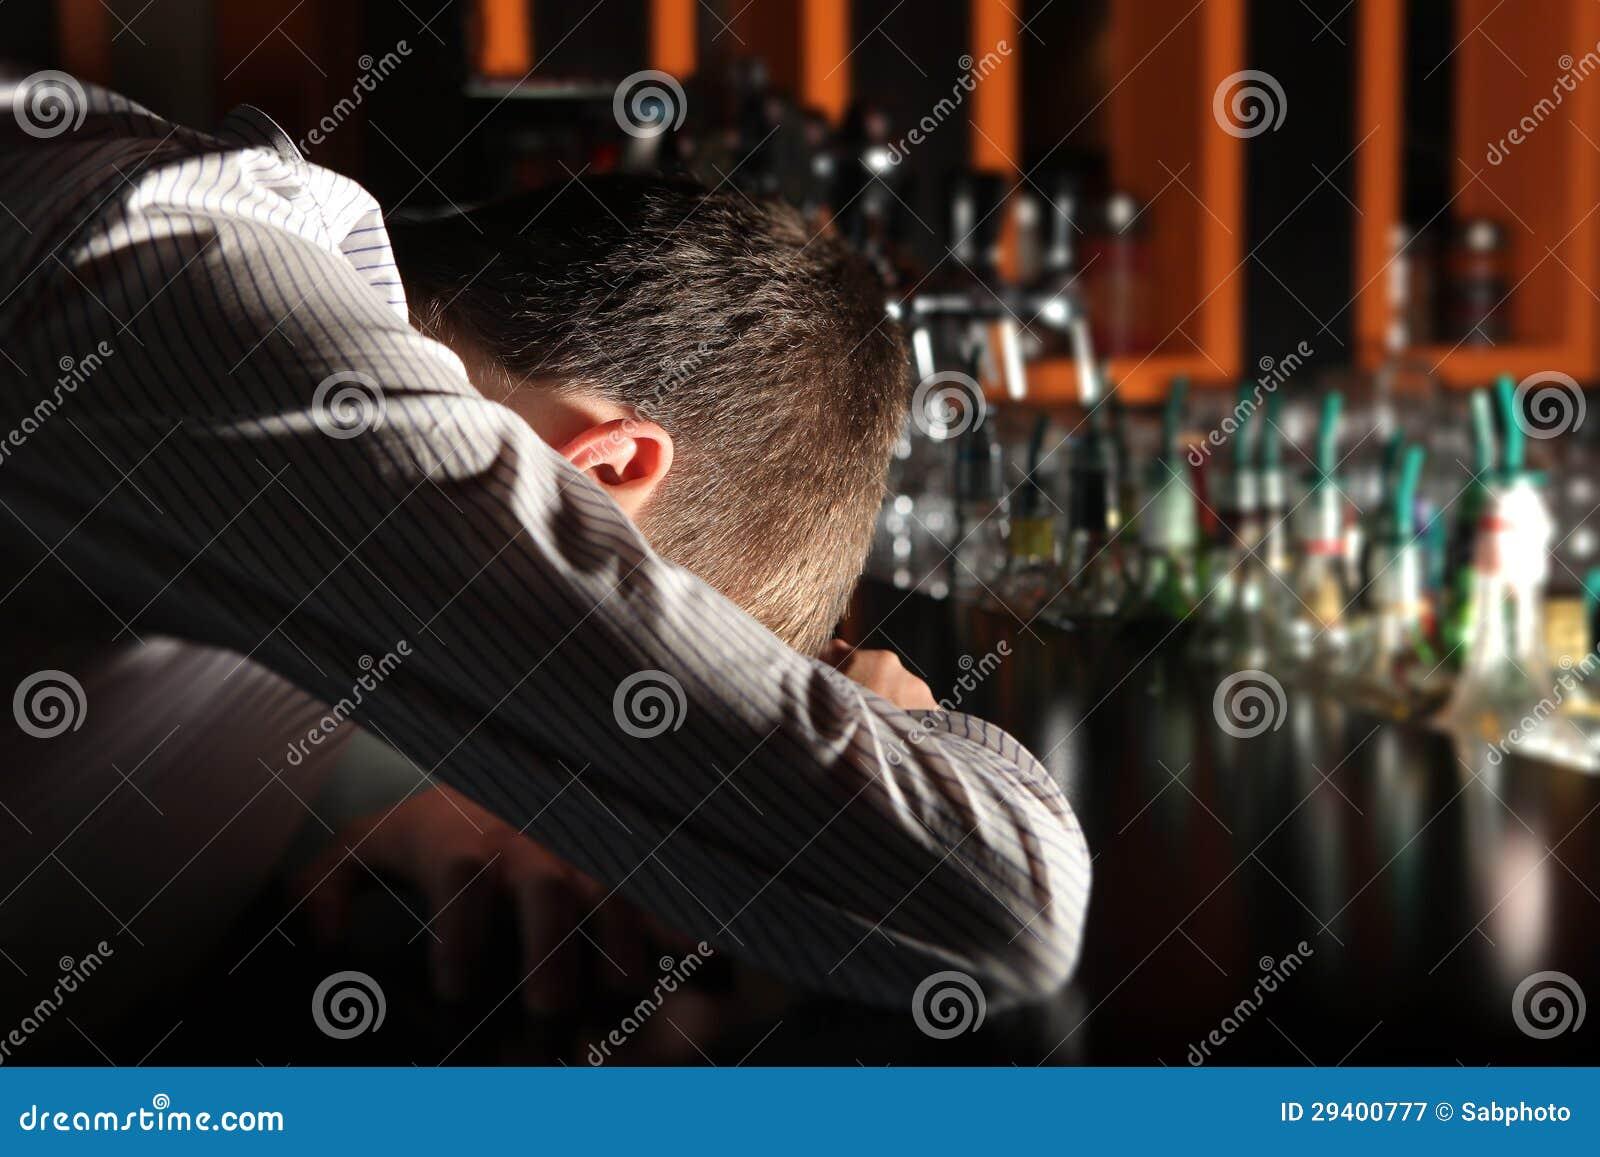 Фото парней у барной стойки 15 фотография